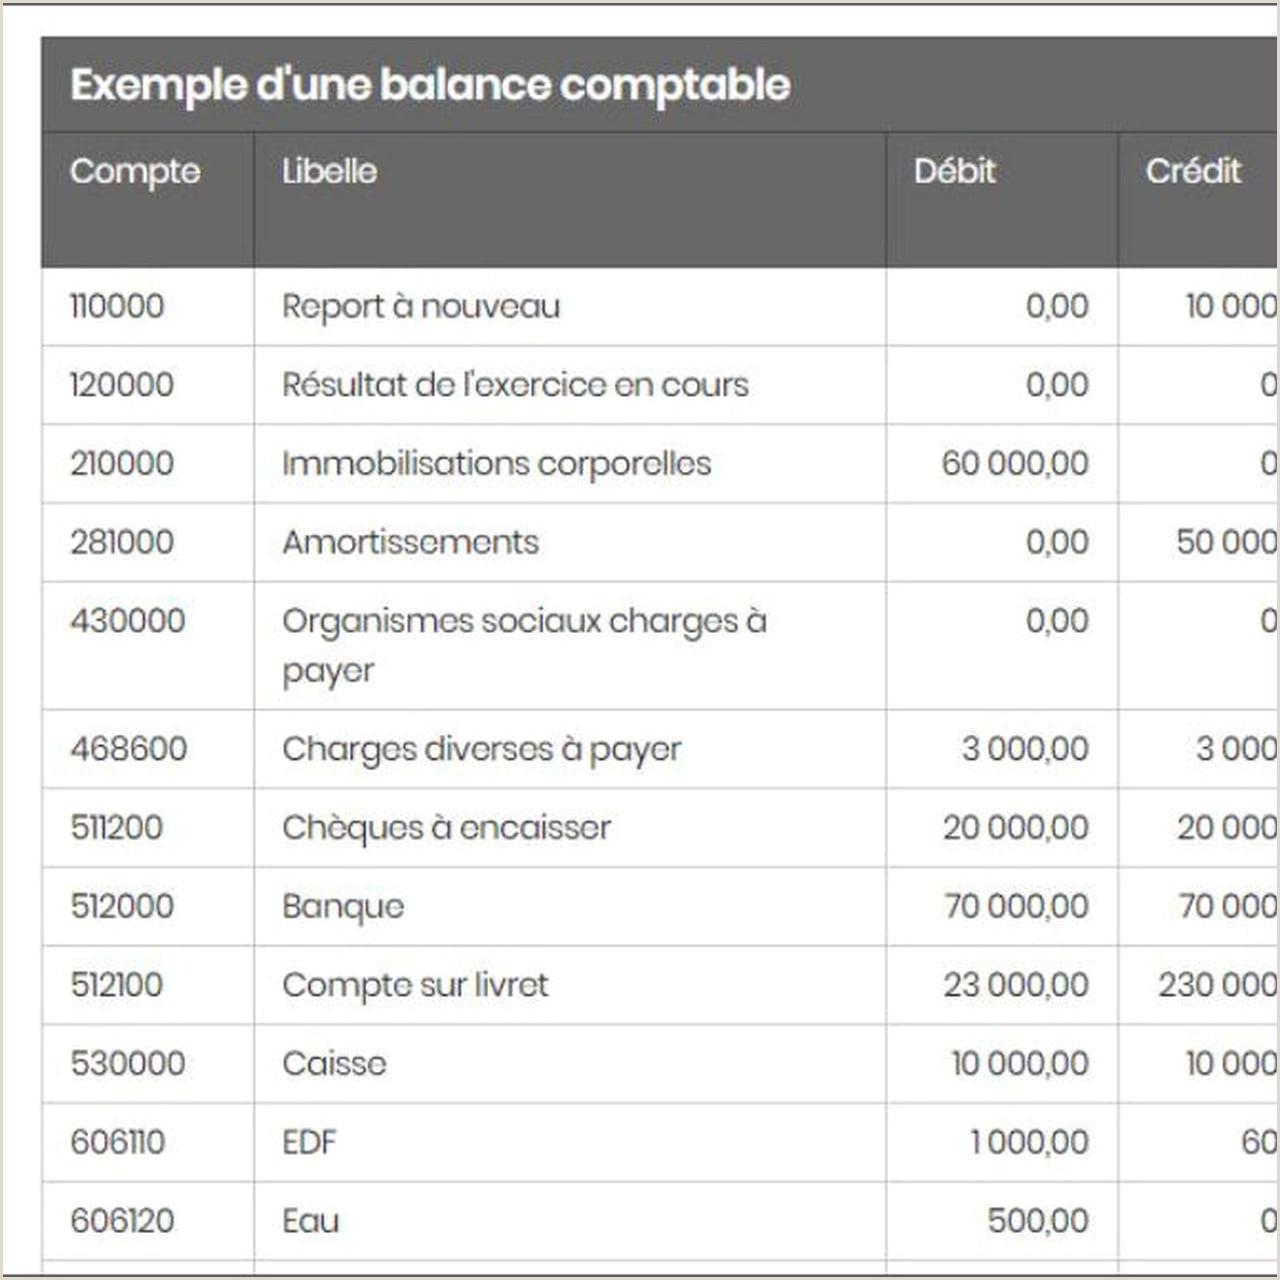 Exemple De Cv Dun Comptable Pdf Balance Ptable Définition Et Exemple